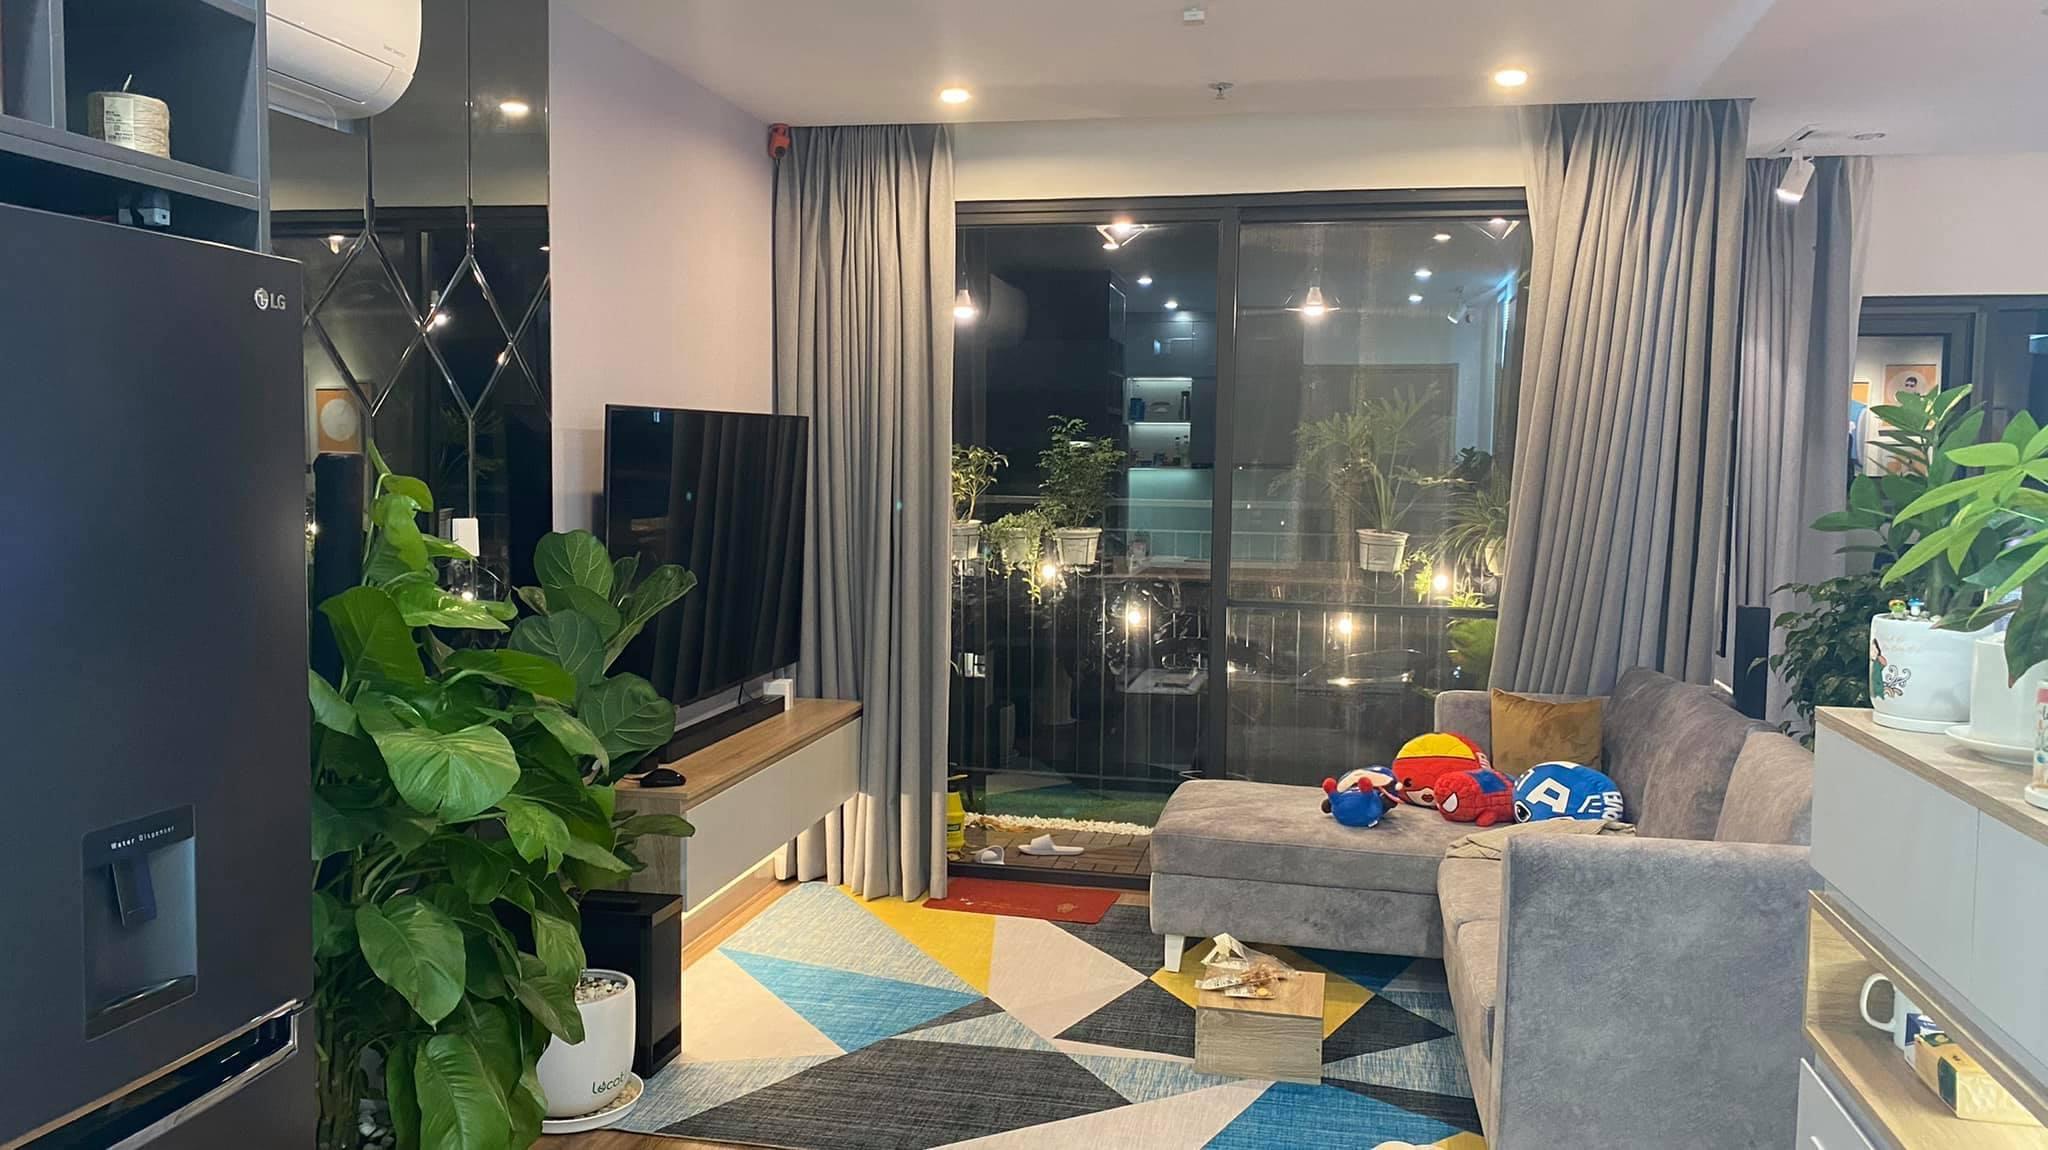 Căn hộ 2 phòng ngủ tầng 19 toà S2.02 Vinhomes Grand Park 8 triệu/tháng 3